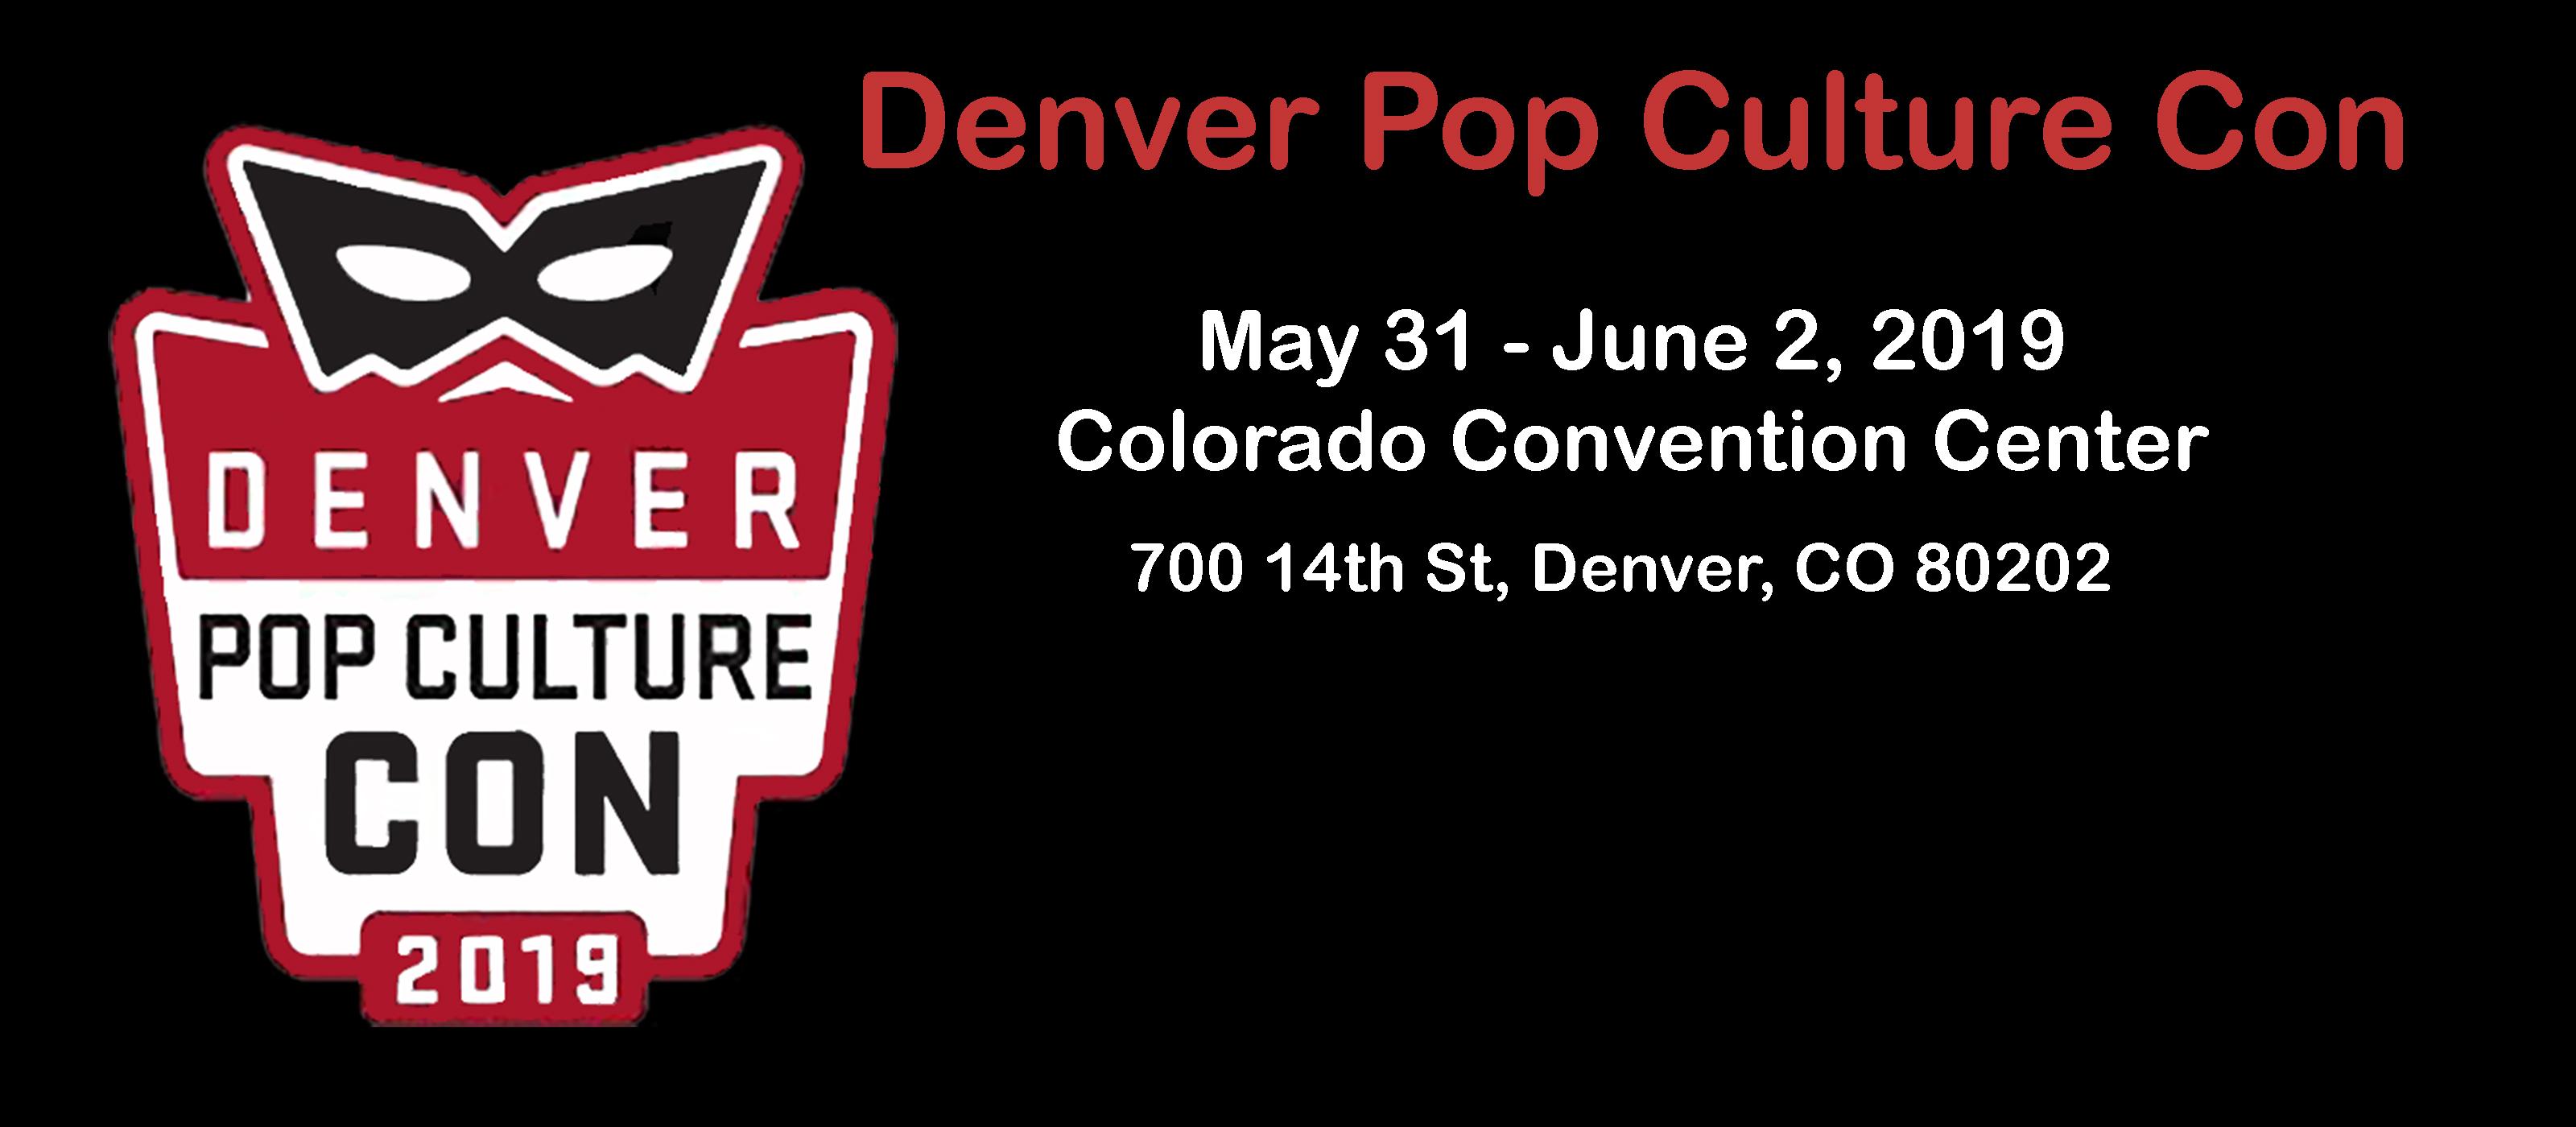 Gallery Con Details-Denver 2019